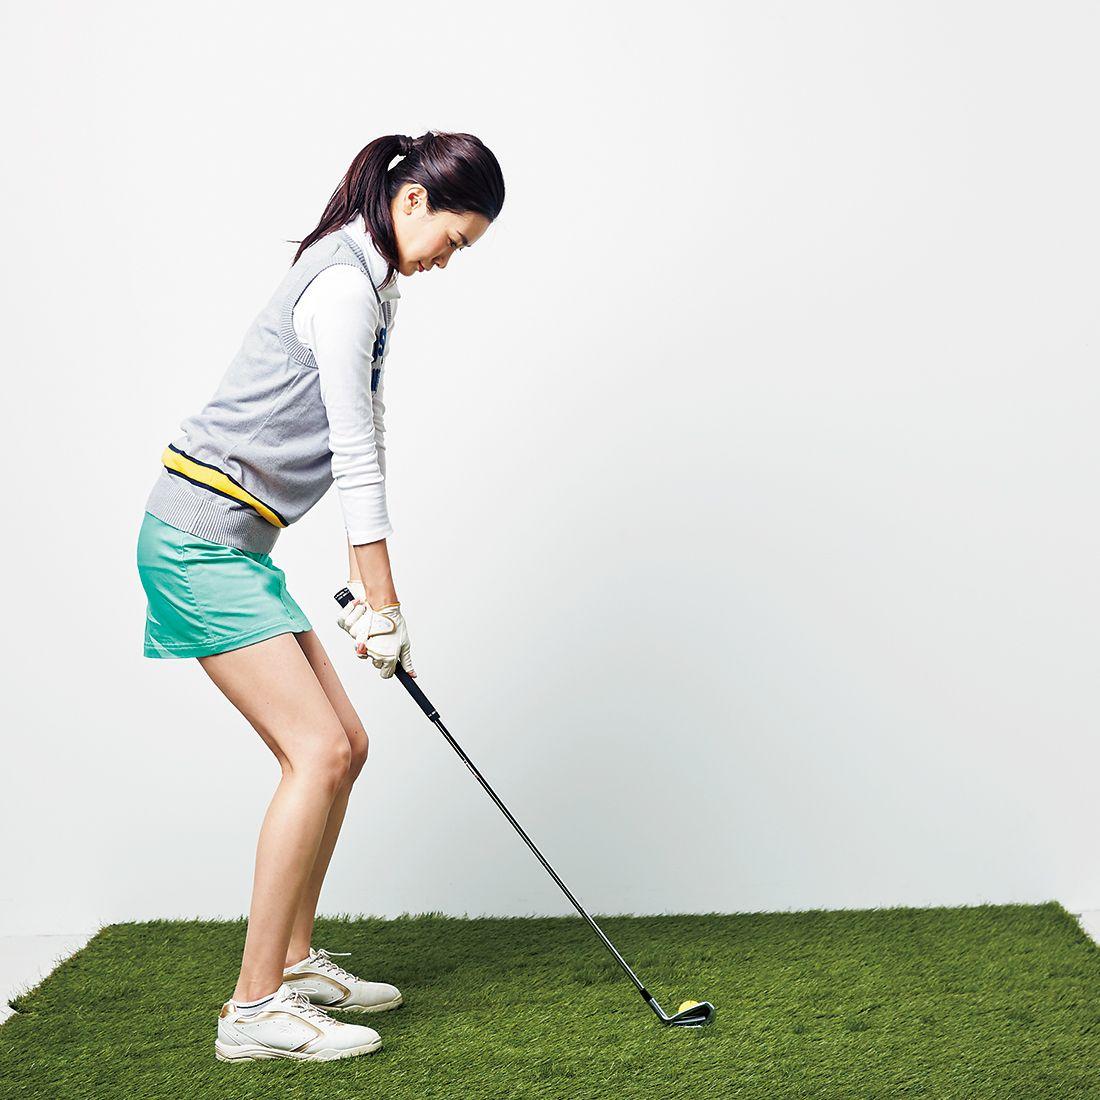 ボールと目の間に仮想のラインをイメージして、その距離感を変えないようにスイングする。